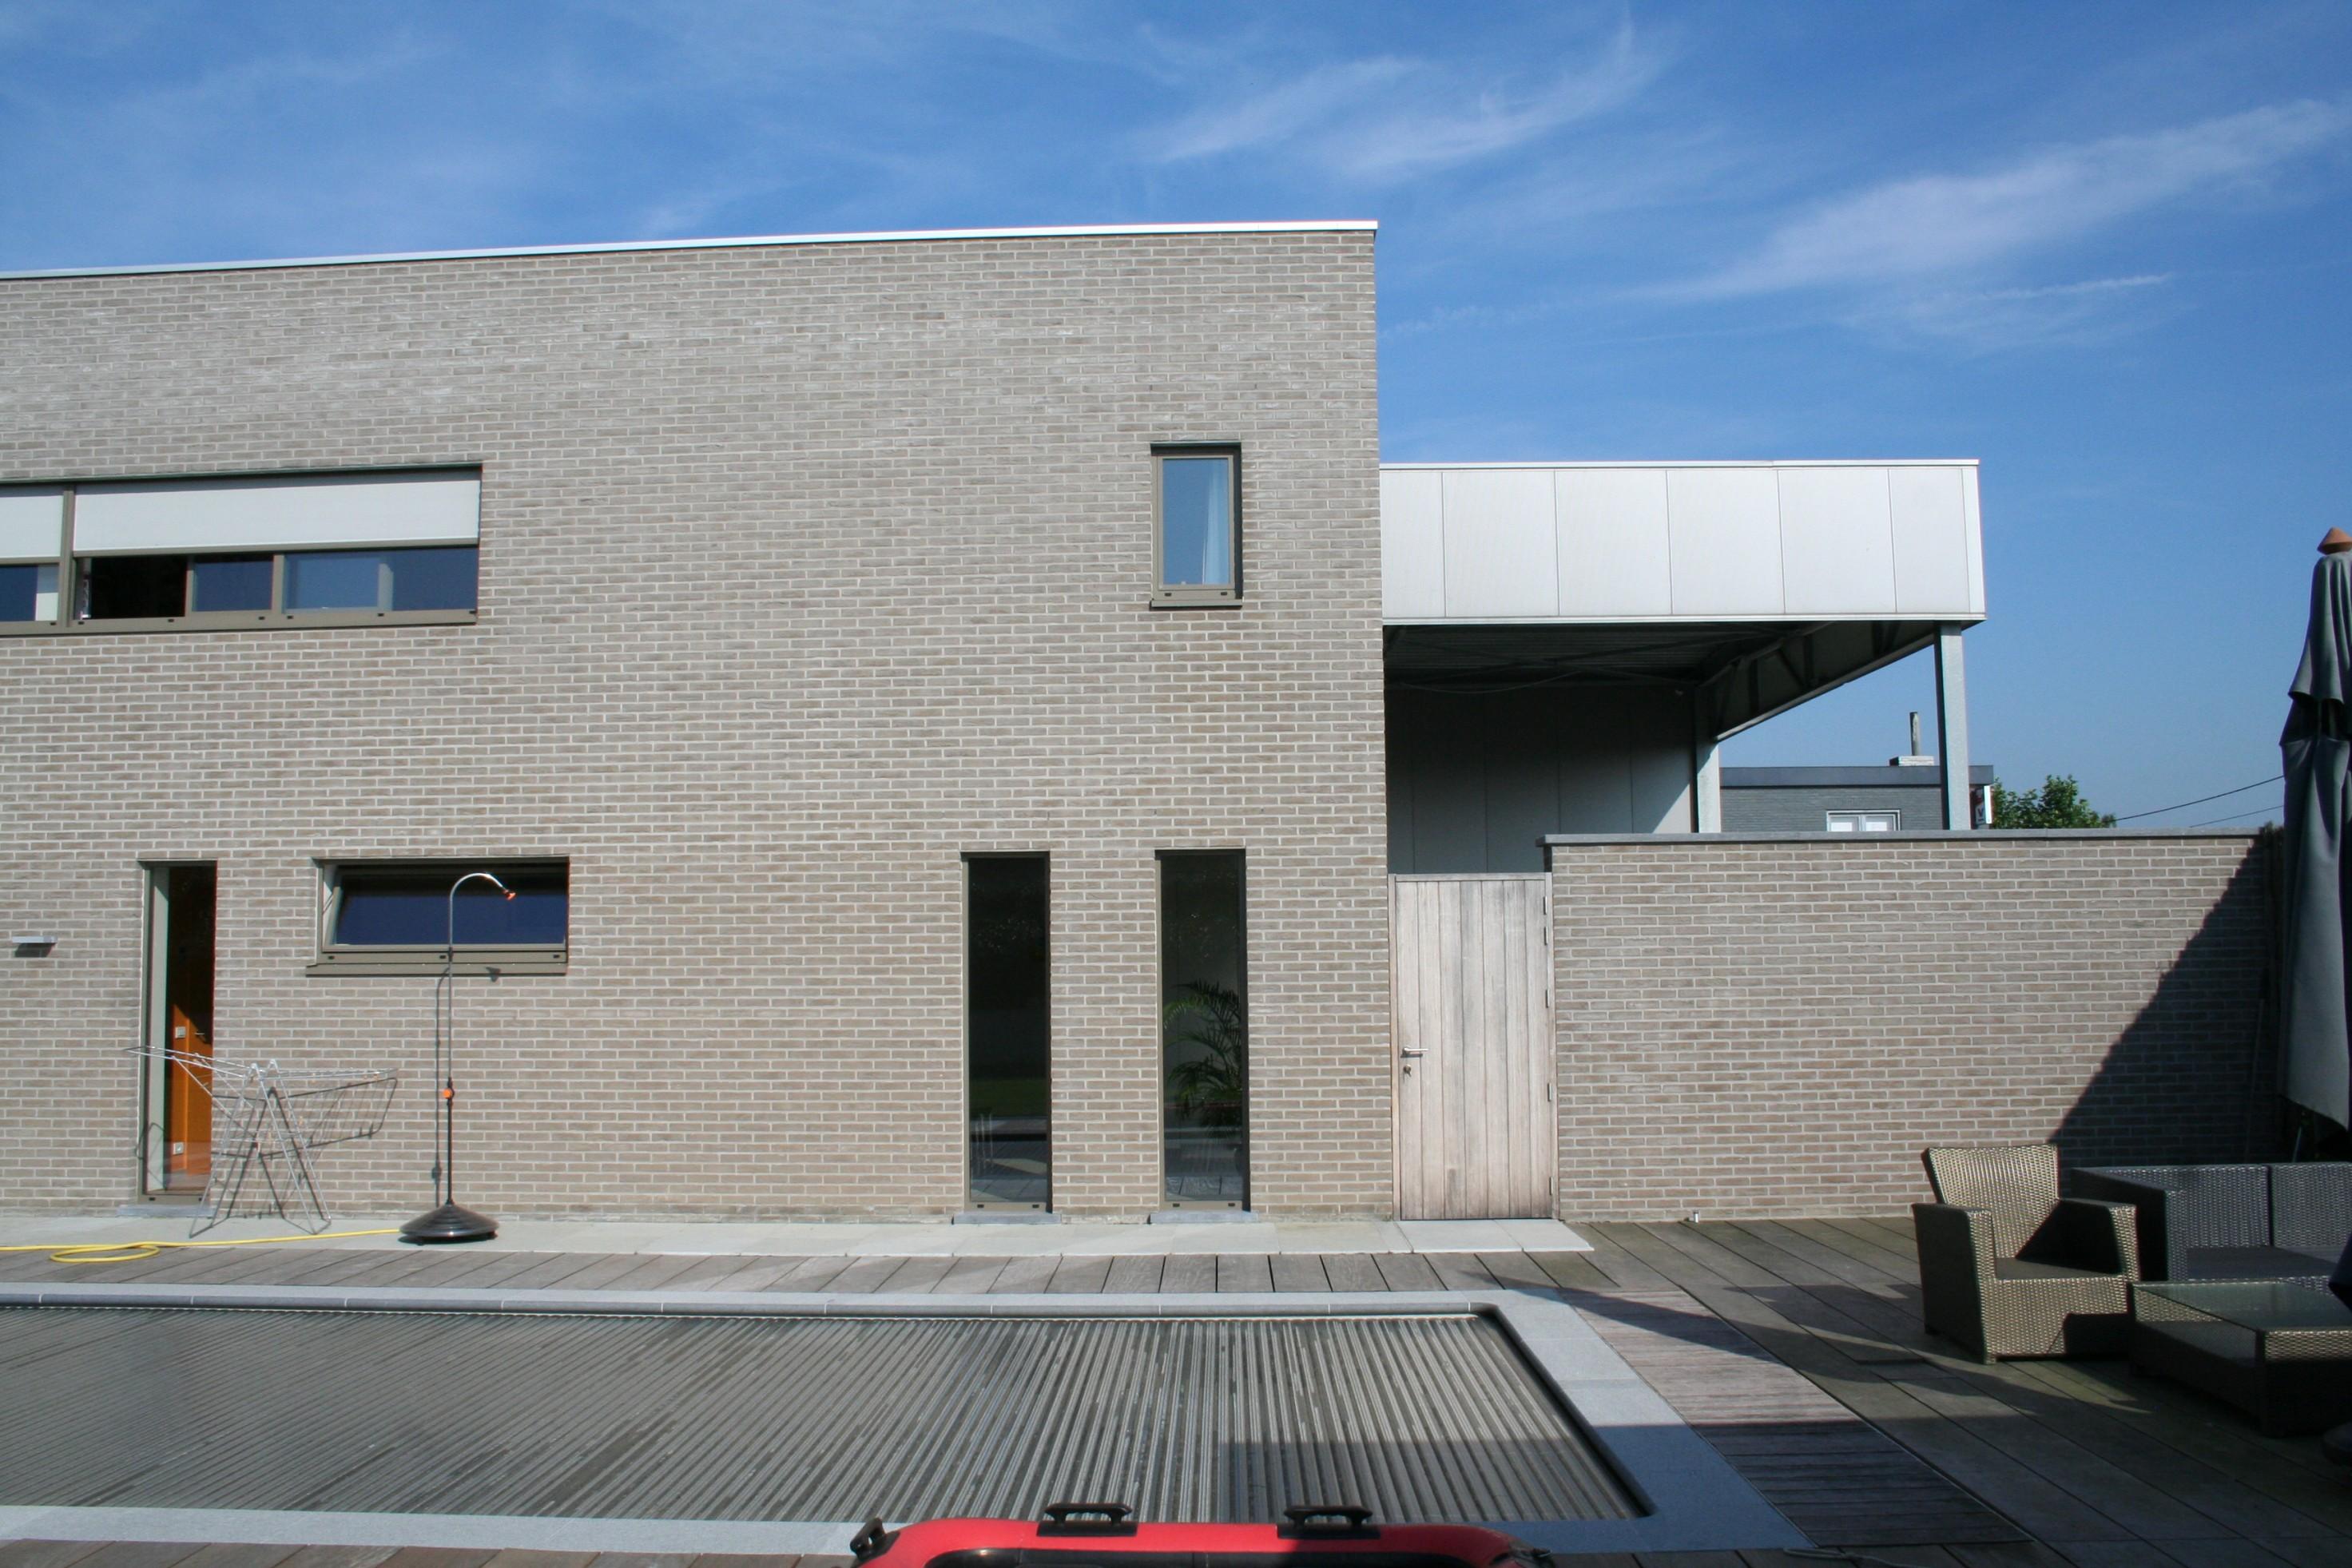 Carubin_Pittem_kmo-gebouw_geïntegreerde woning (7).JPG